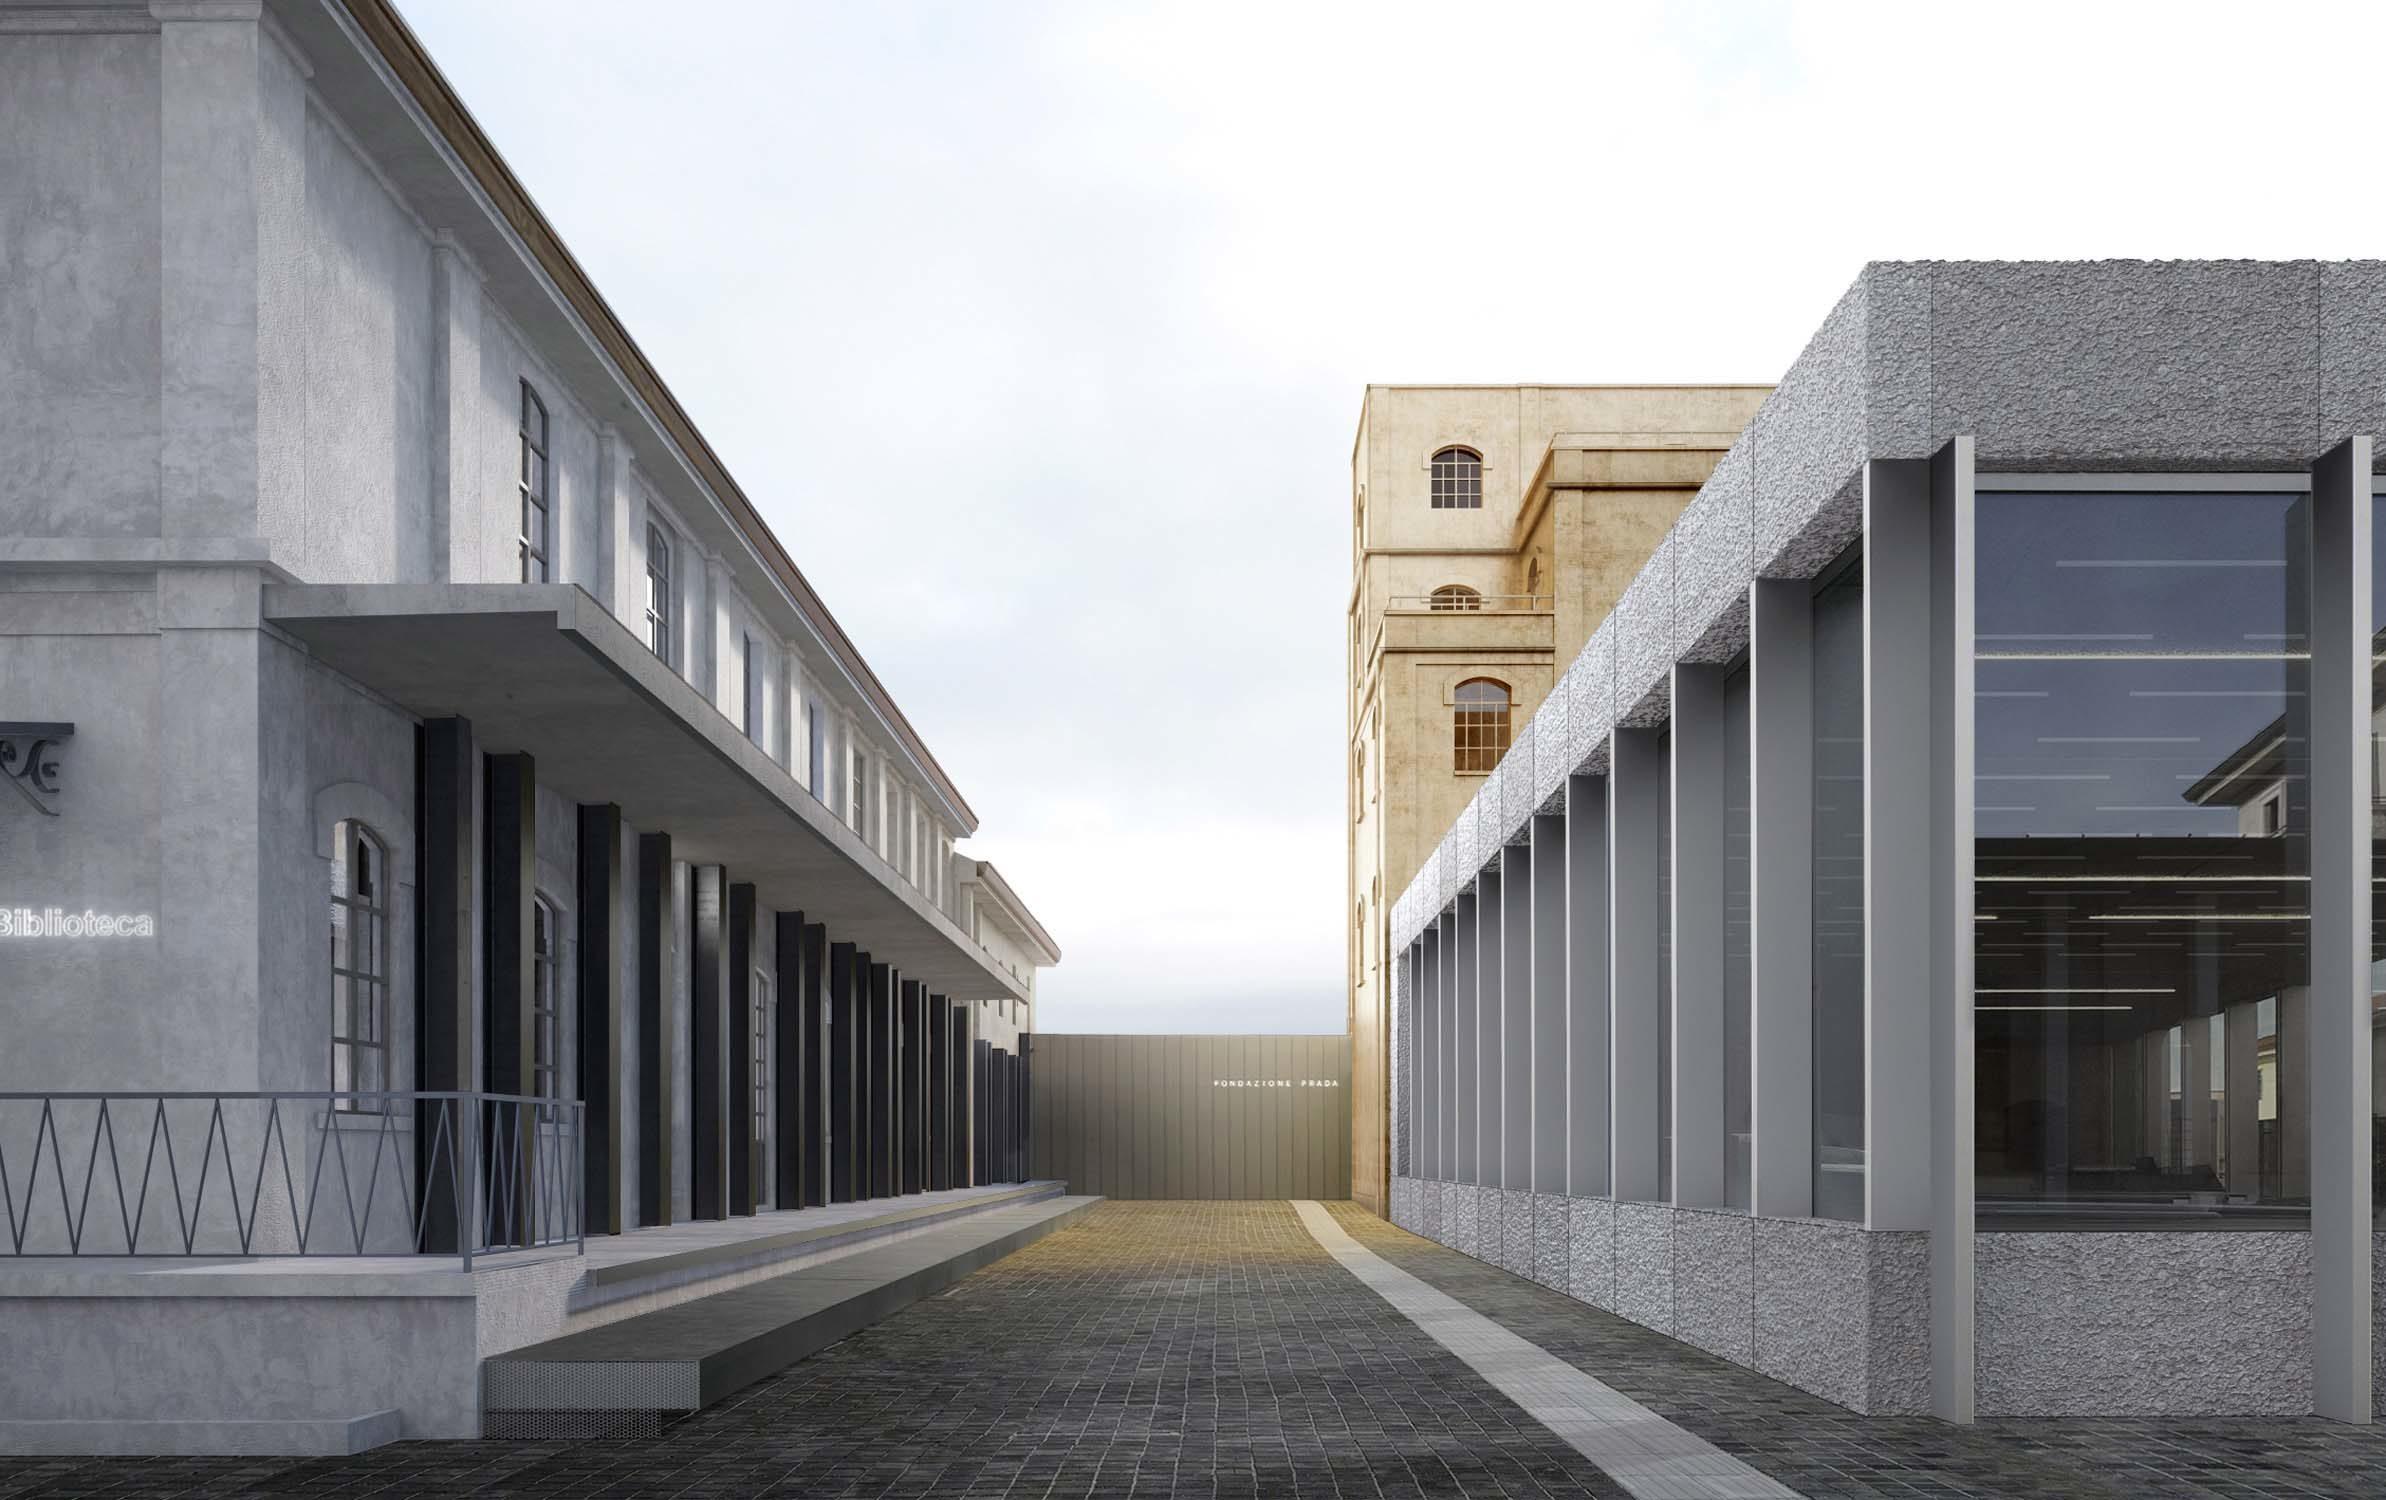 Fondazione Prada in Milan – OMA, 2013